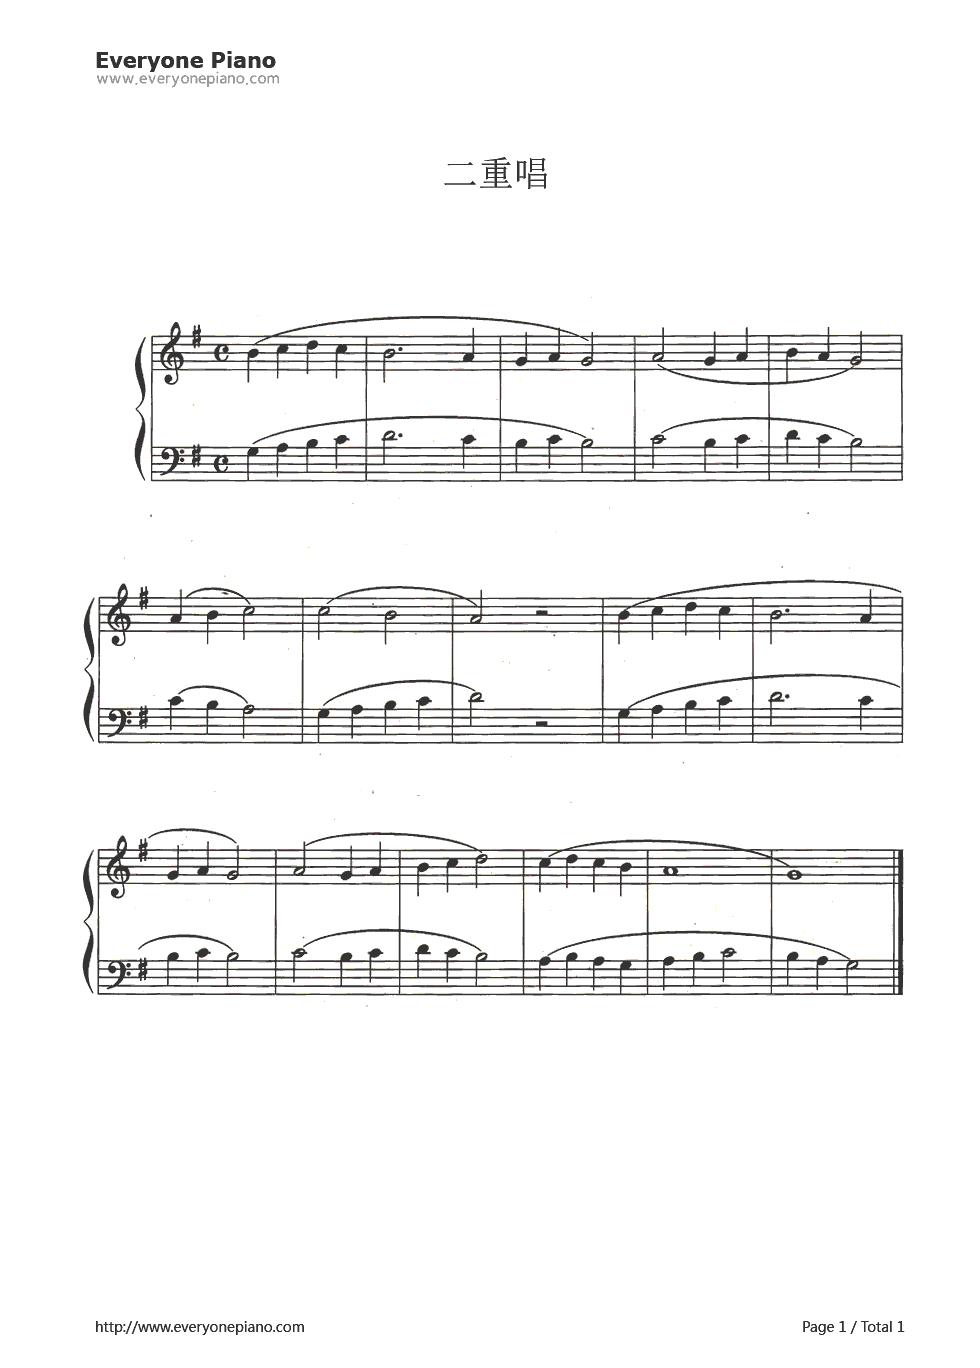 二重唱五线谱预览1